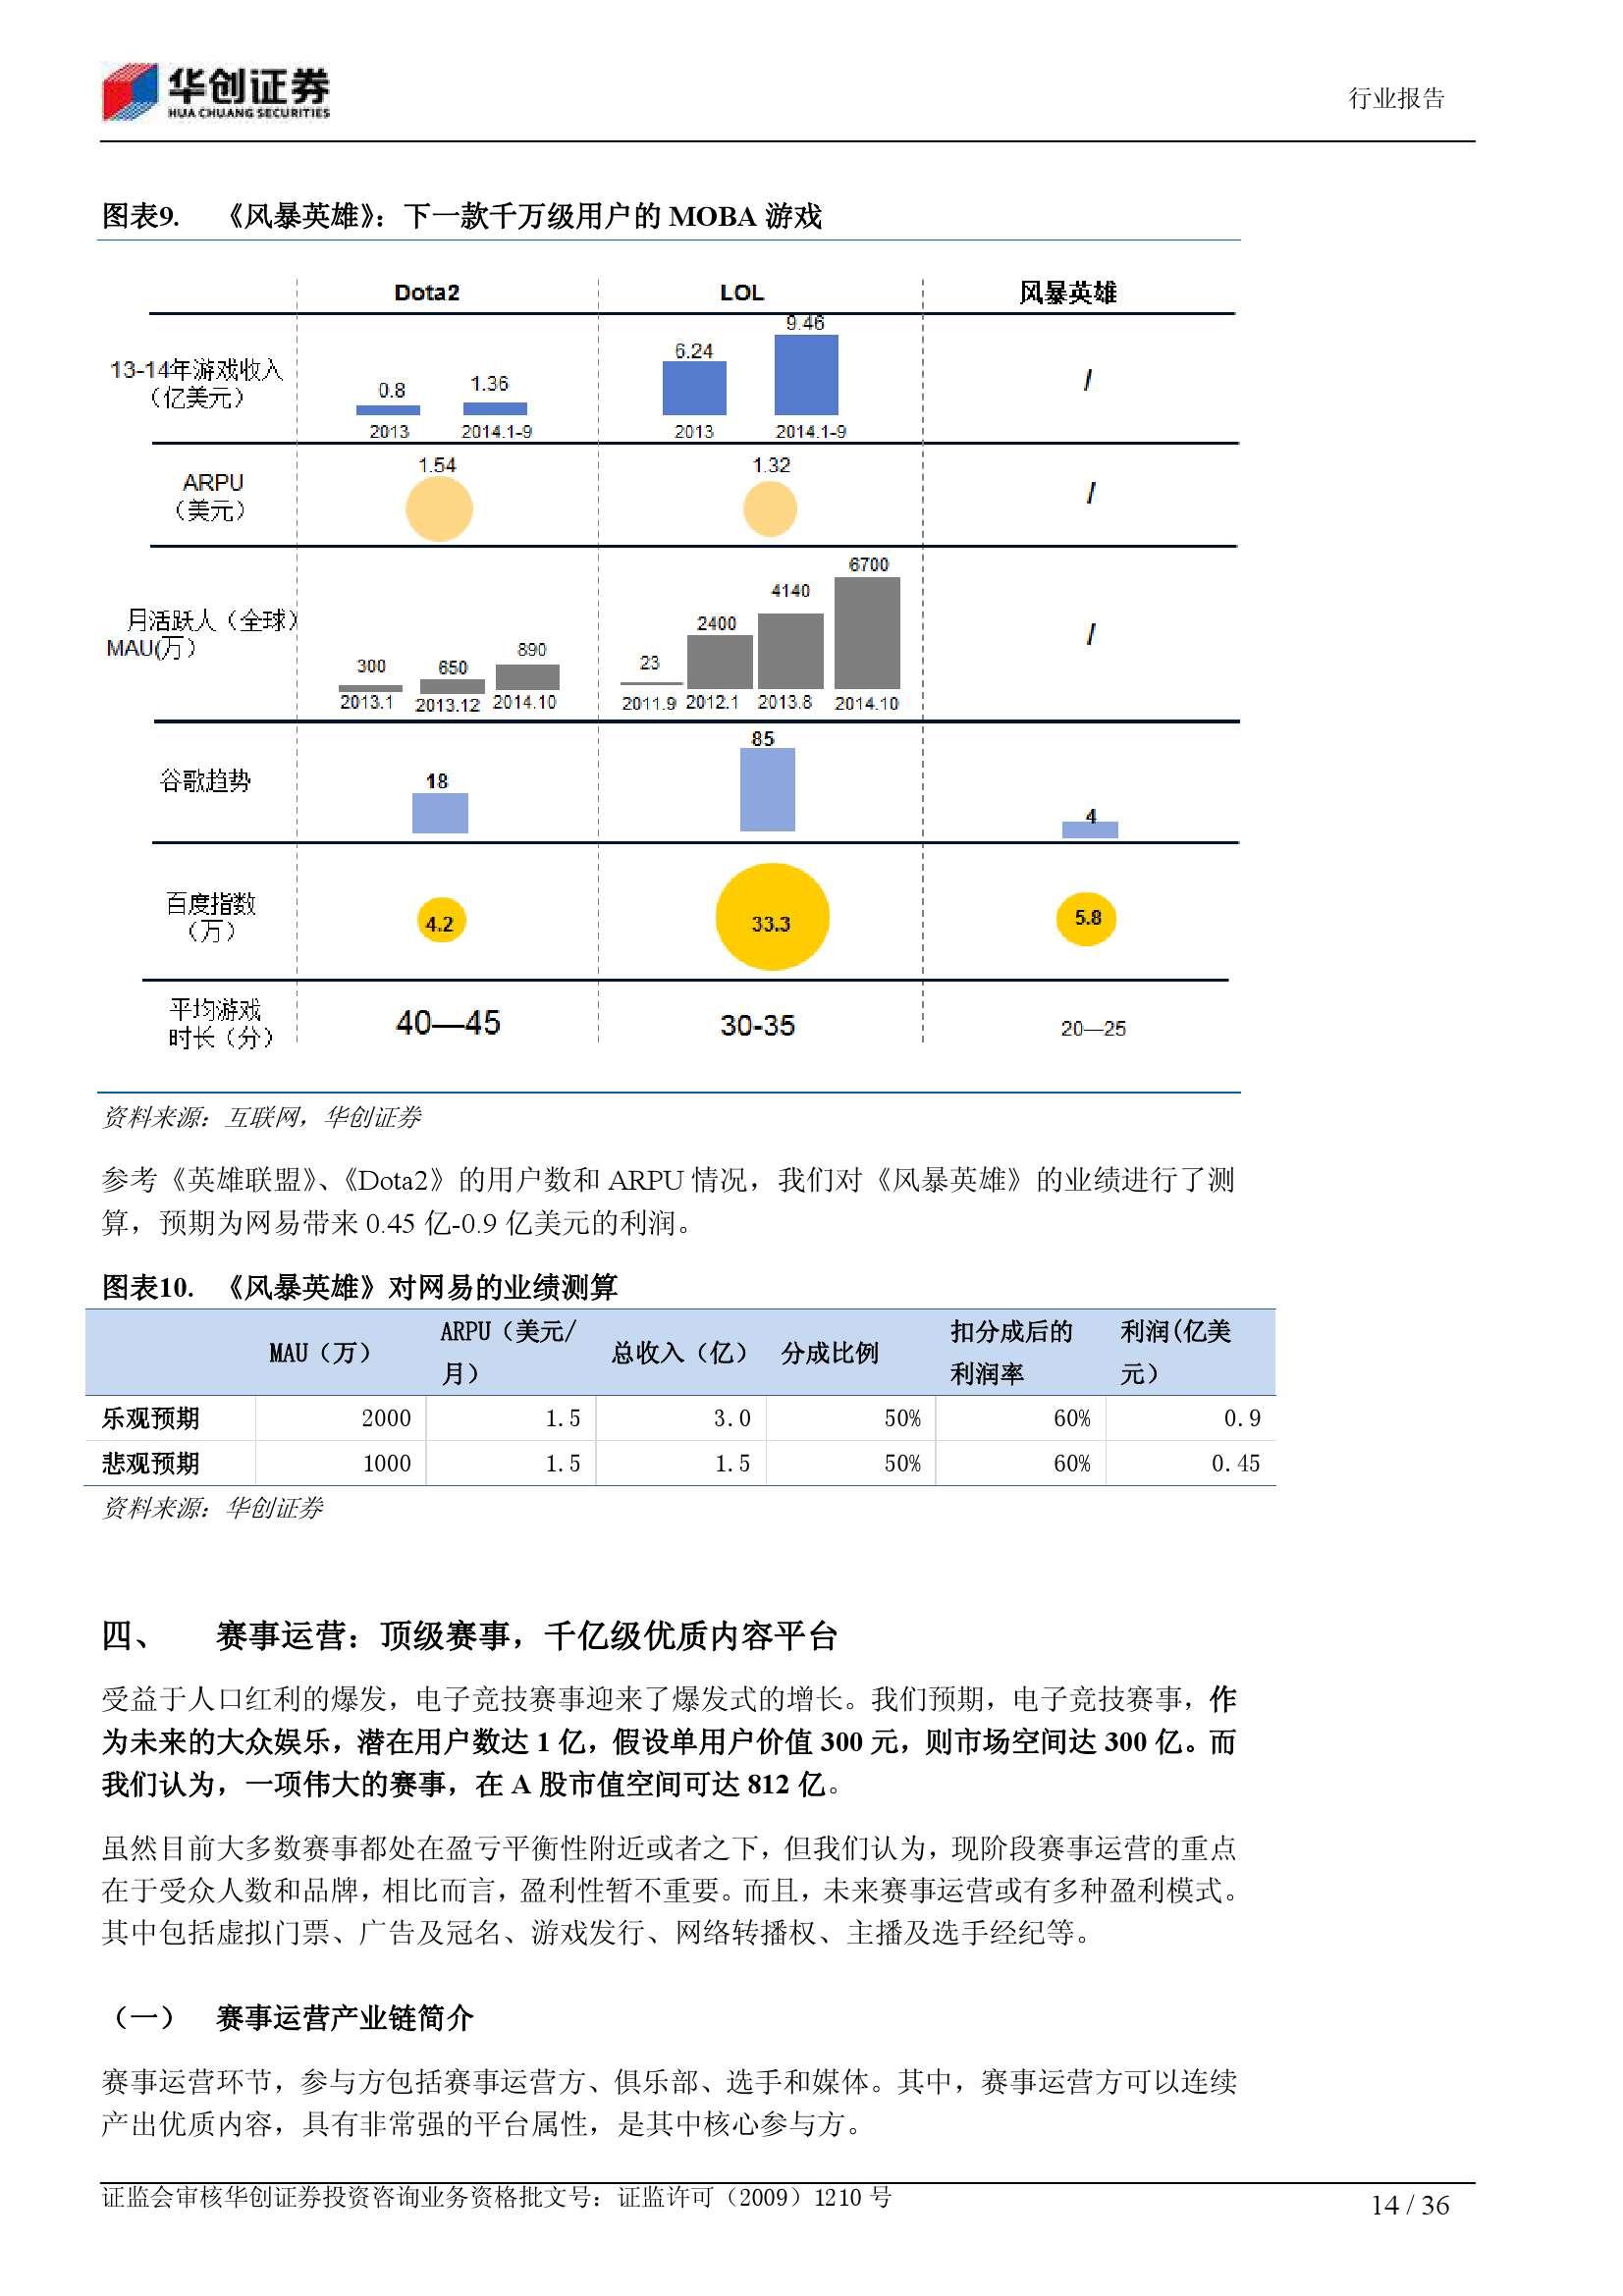 电子竞技深度报告:从小众娱乐 到千亿产业_000014